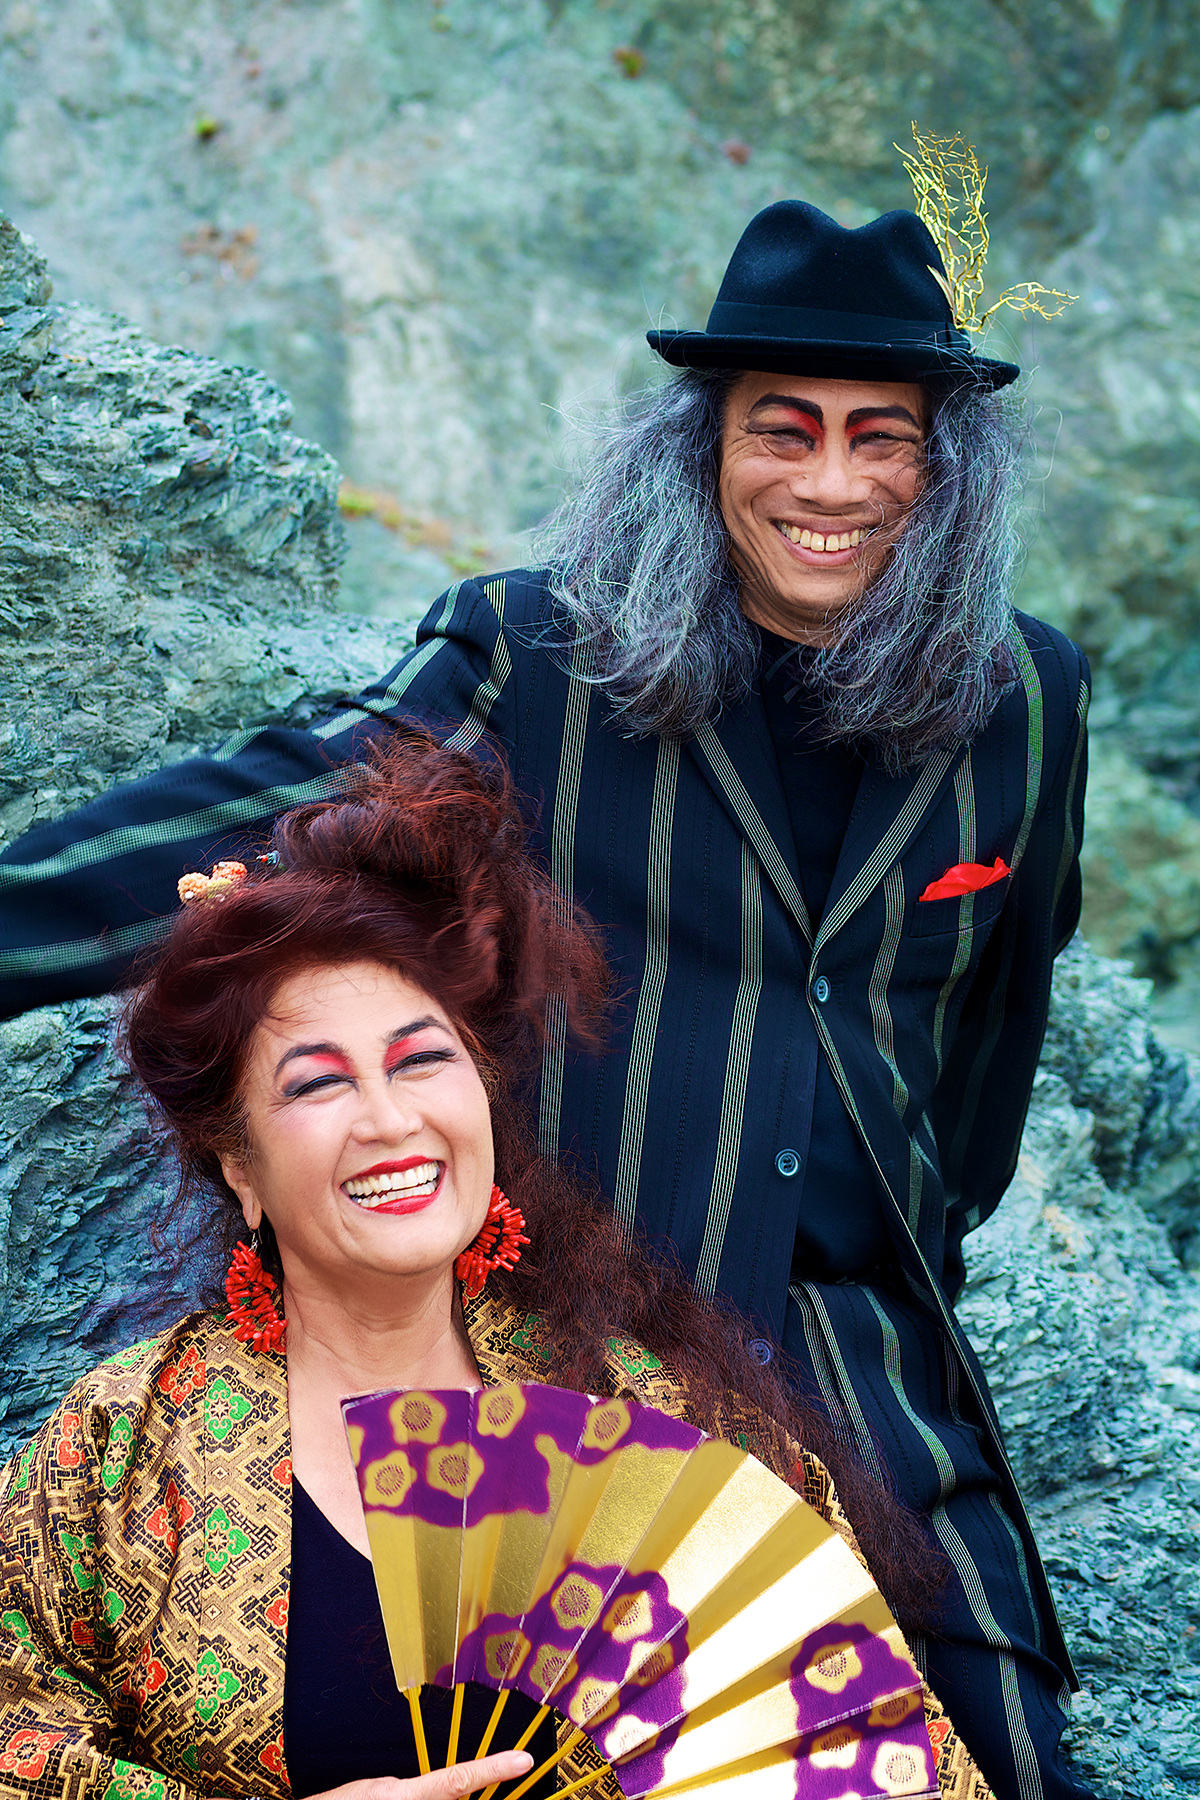 Brenda-Wong-Aoki-and-Mark-Izu-300-dpi-4x6_1200.jpeg